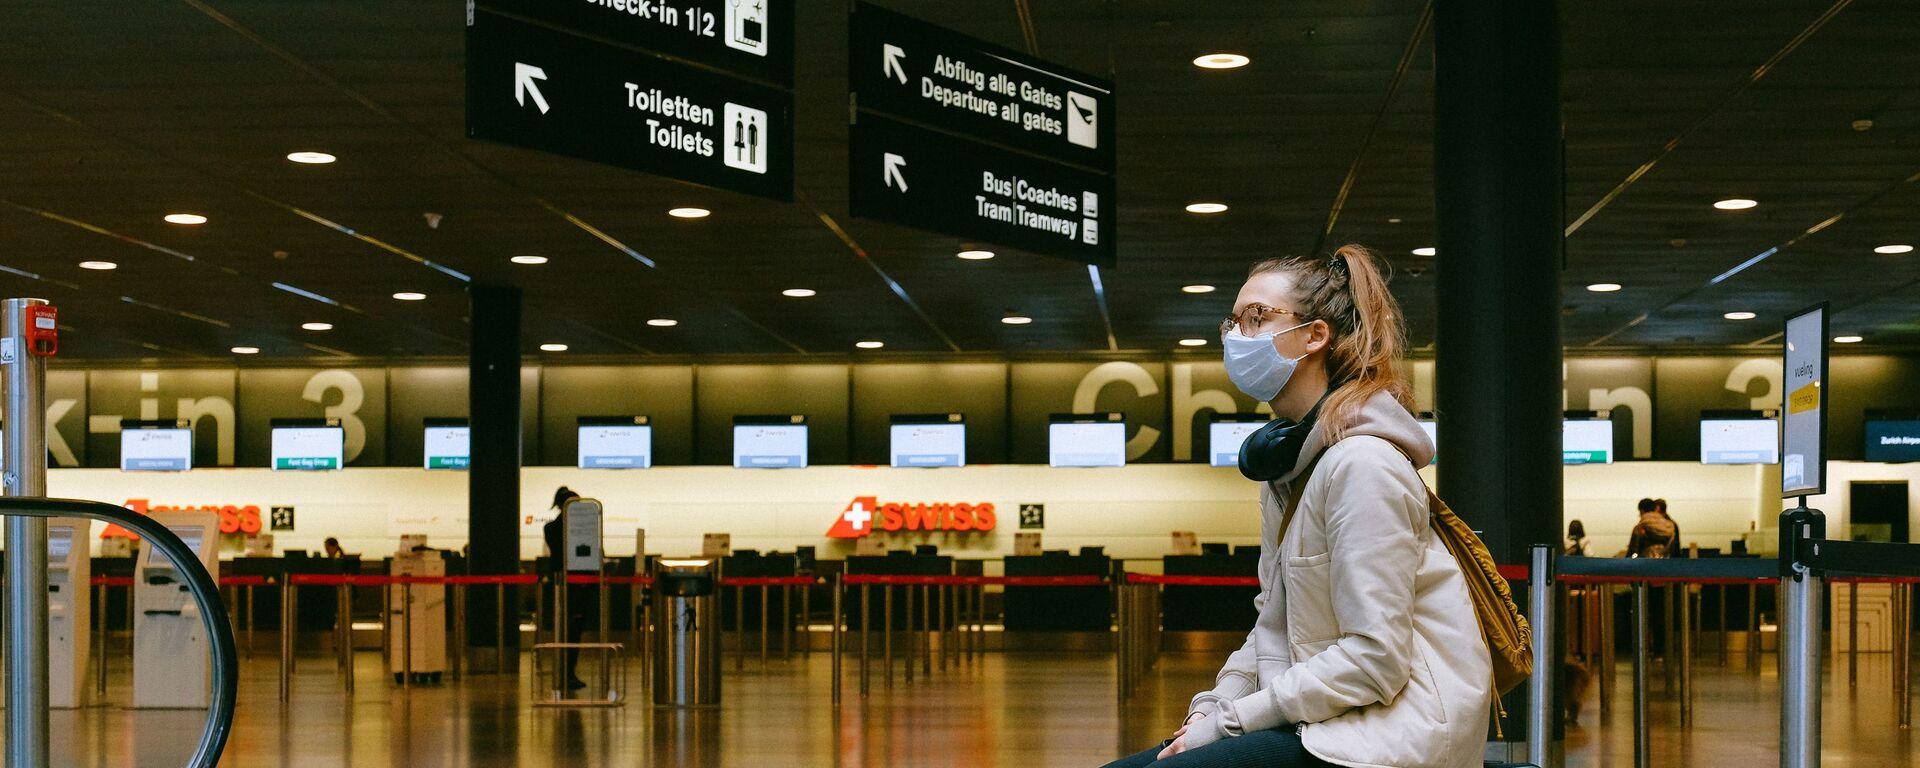 Una mujer en mascarilla en el aeropuerto - Sputnik Mundo, 1920, 23.06.2021